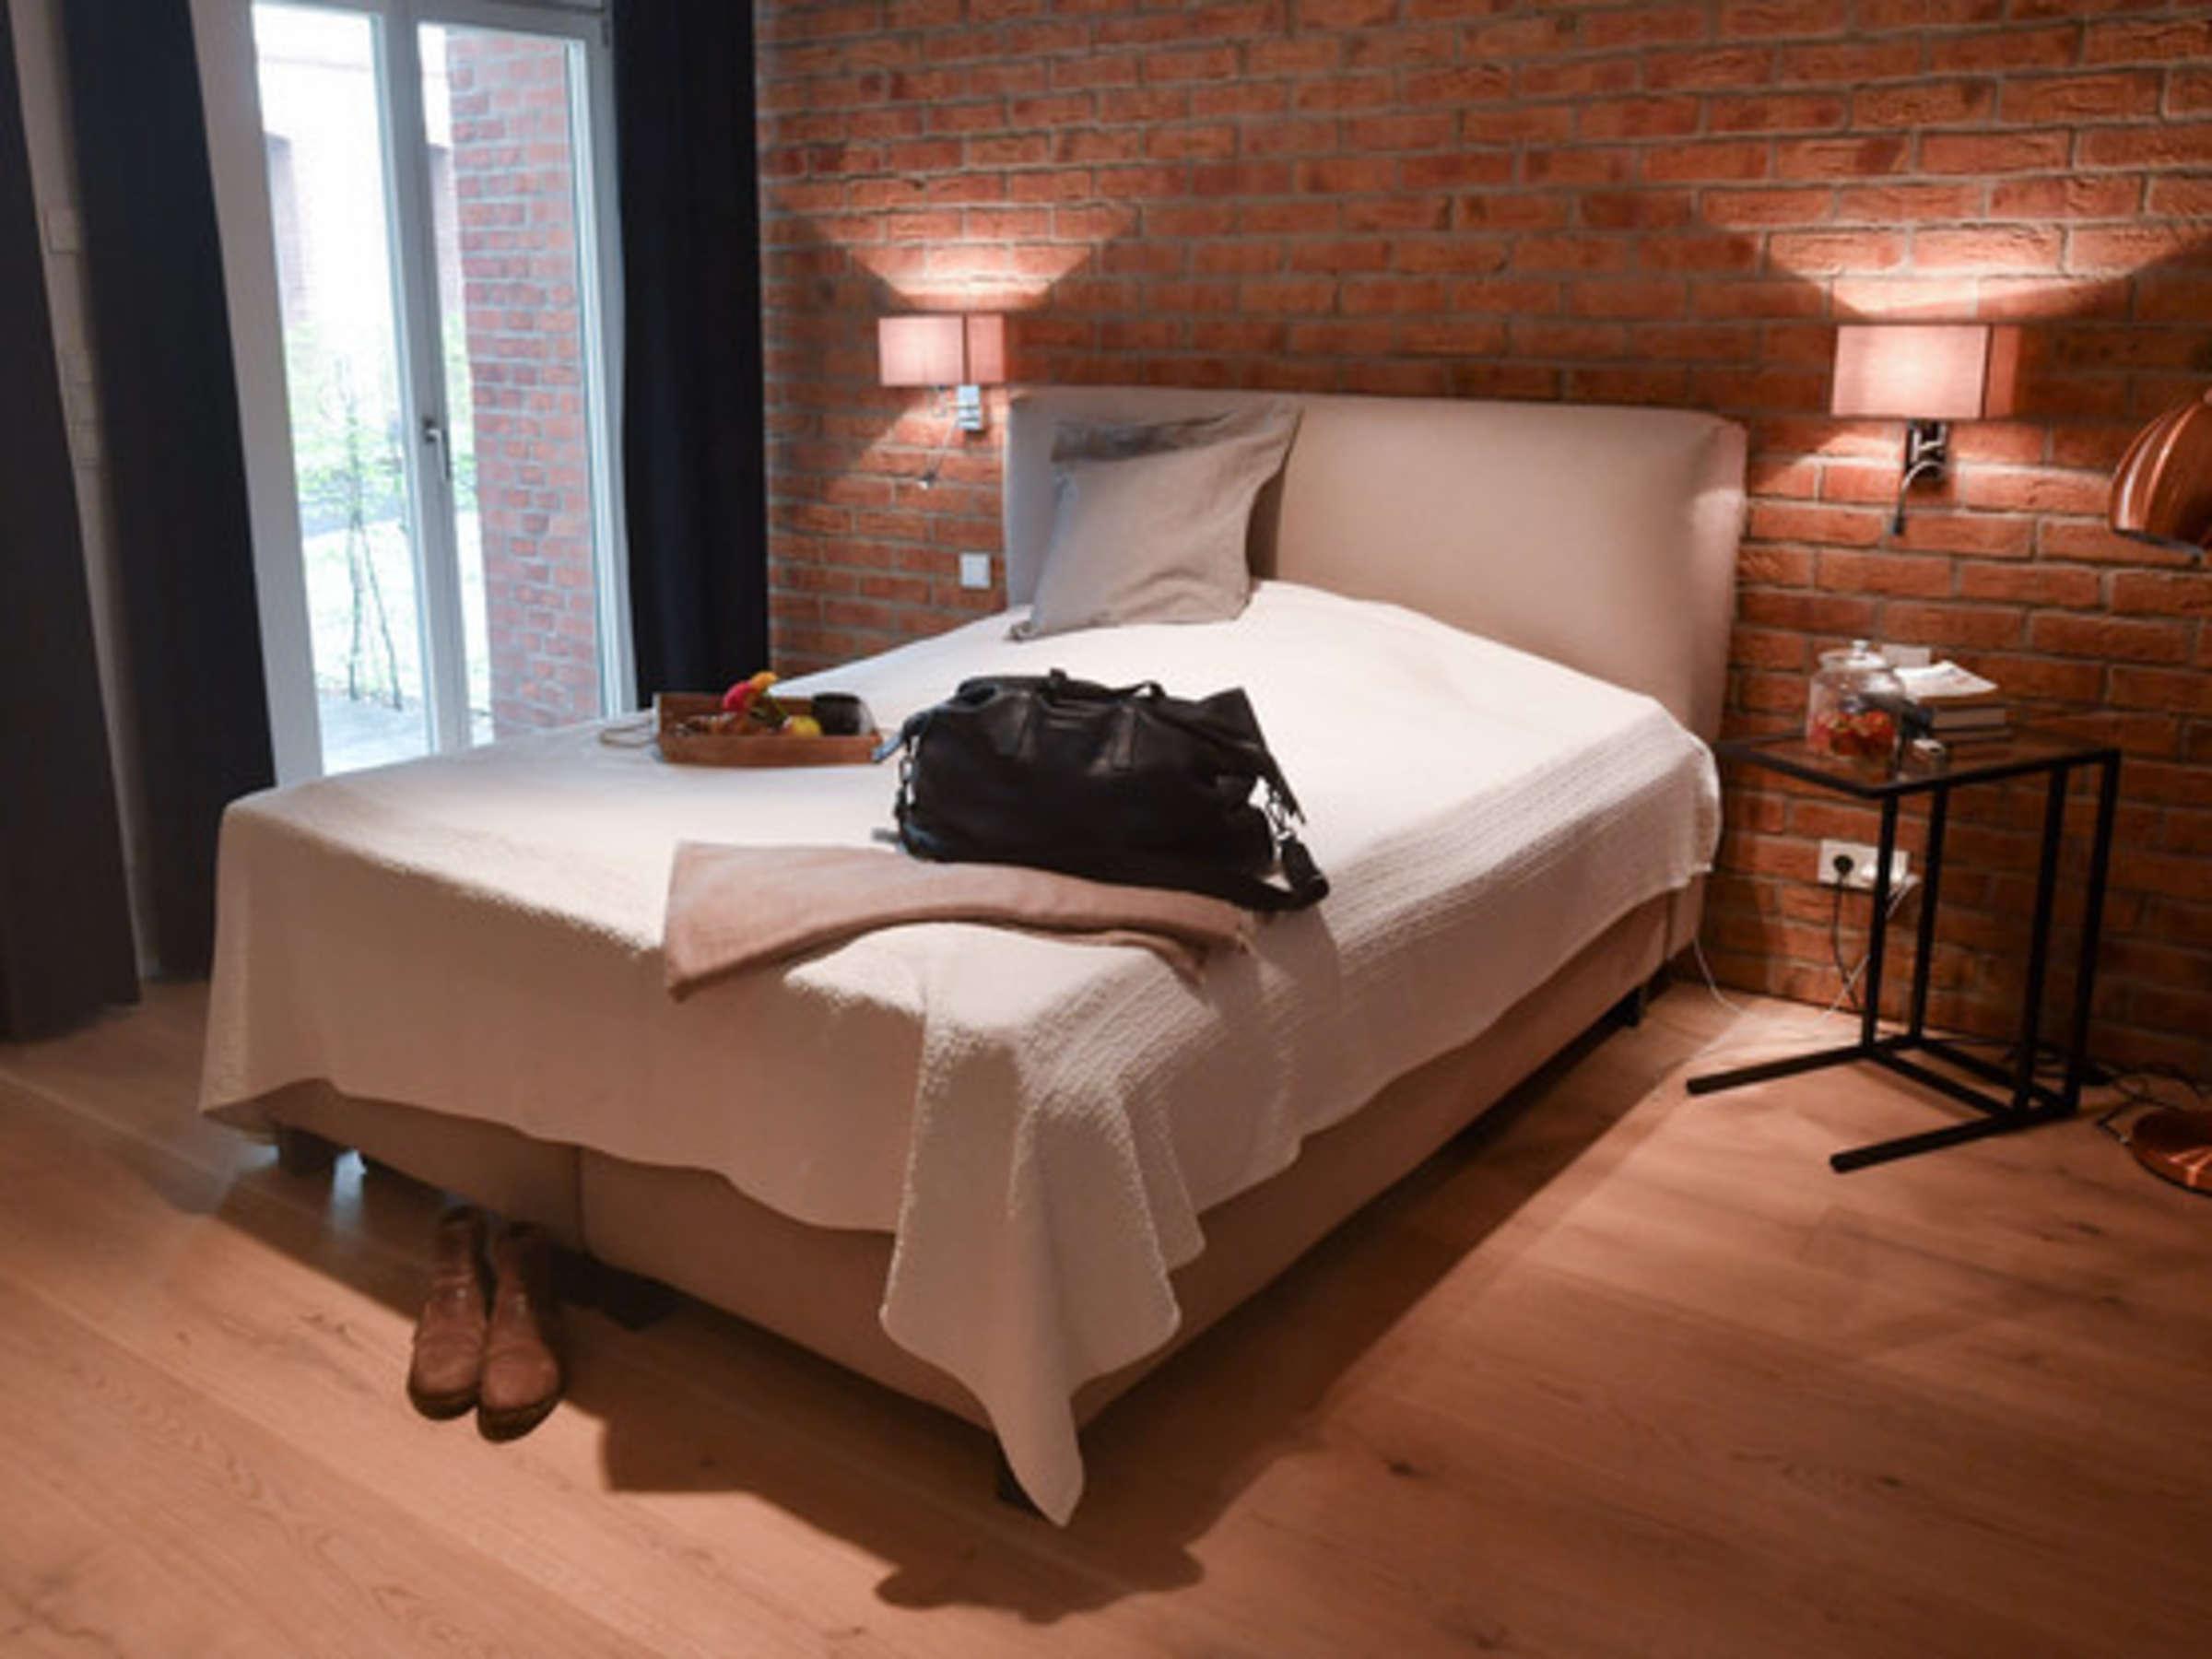 Schlafzimmer Einrichten So Schaffen Sie Mit Licht Farbe Und Deko Das Perfekte Zusammenspiel Wohnen